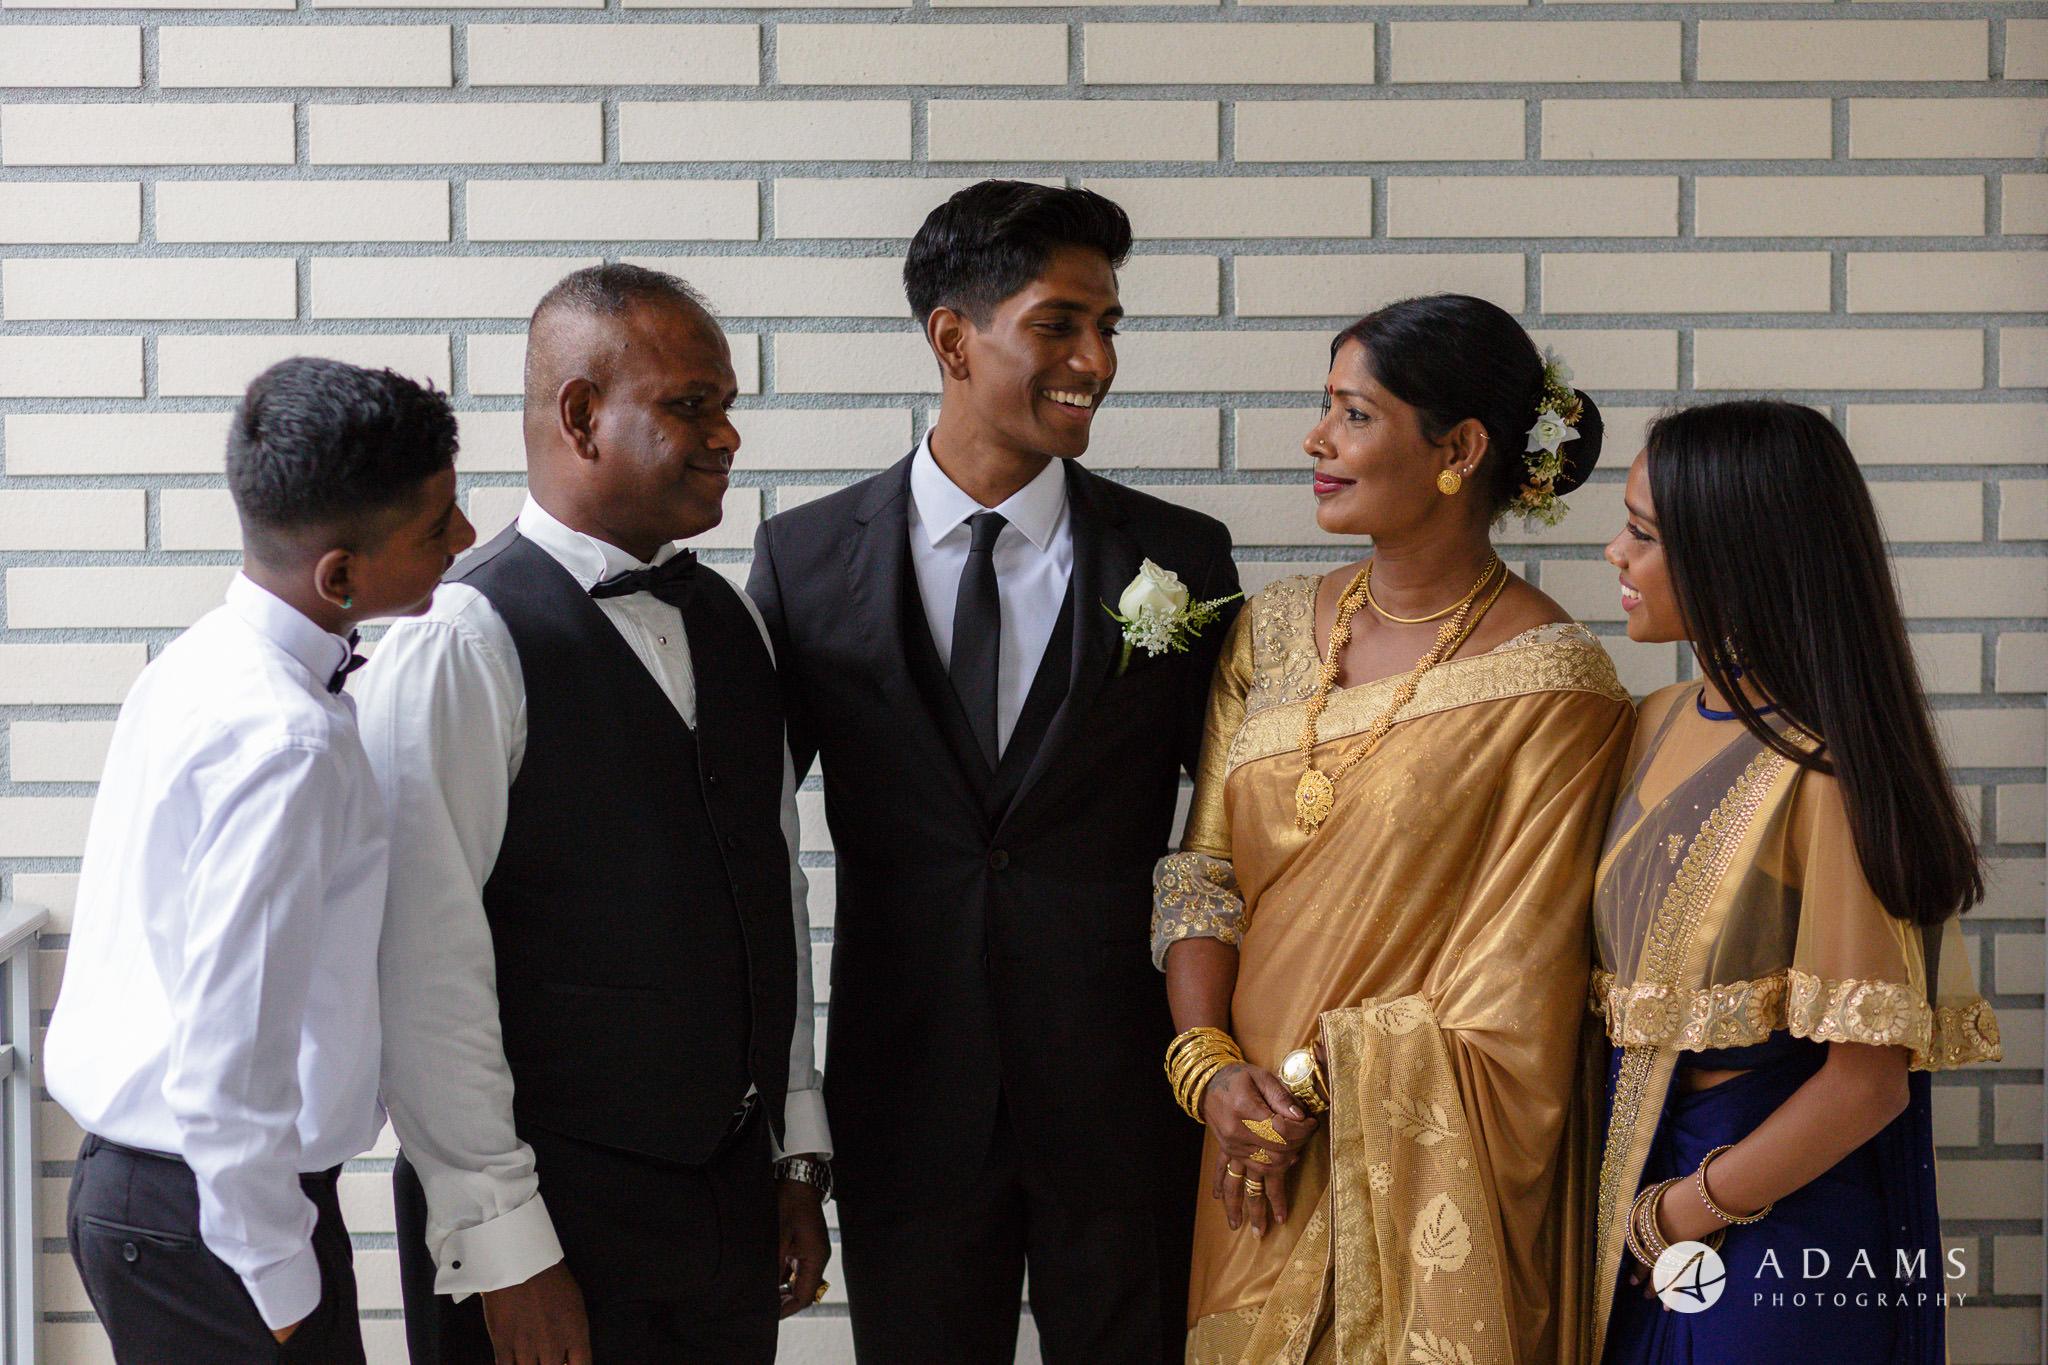 Oslo Wedding Photos Norway family photograph